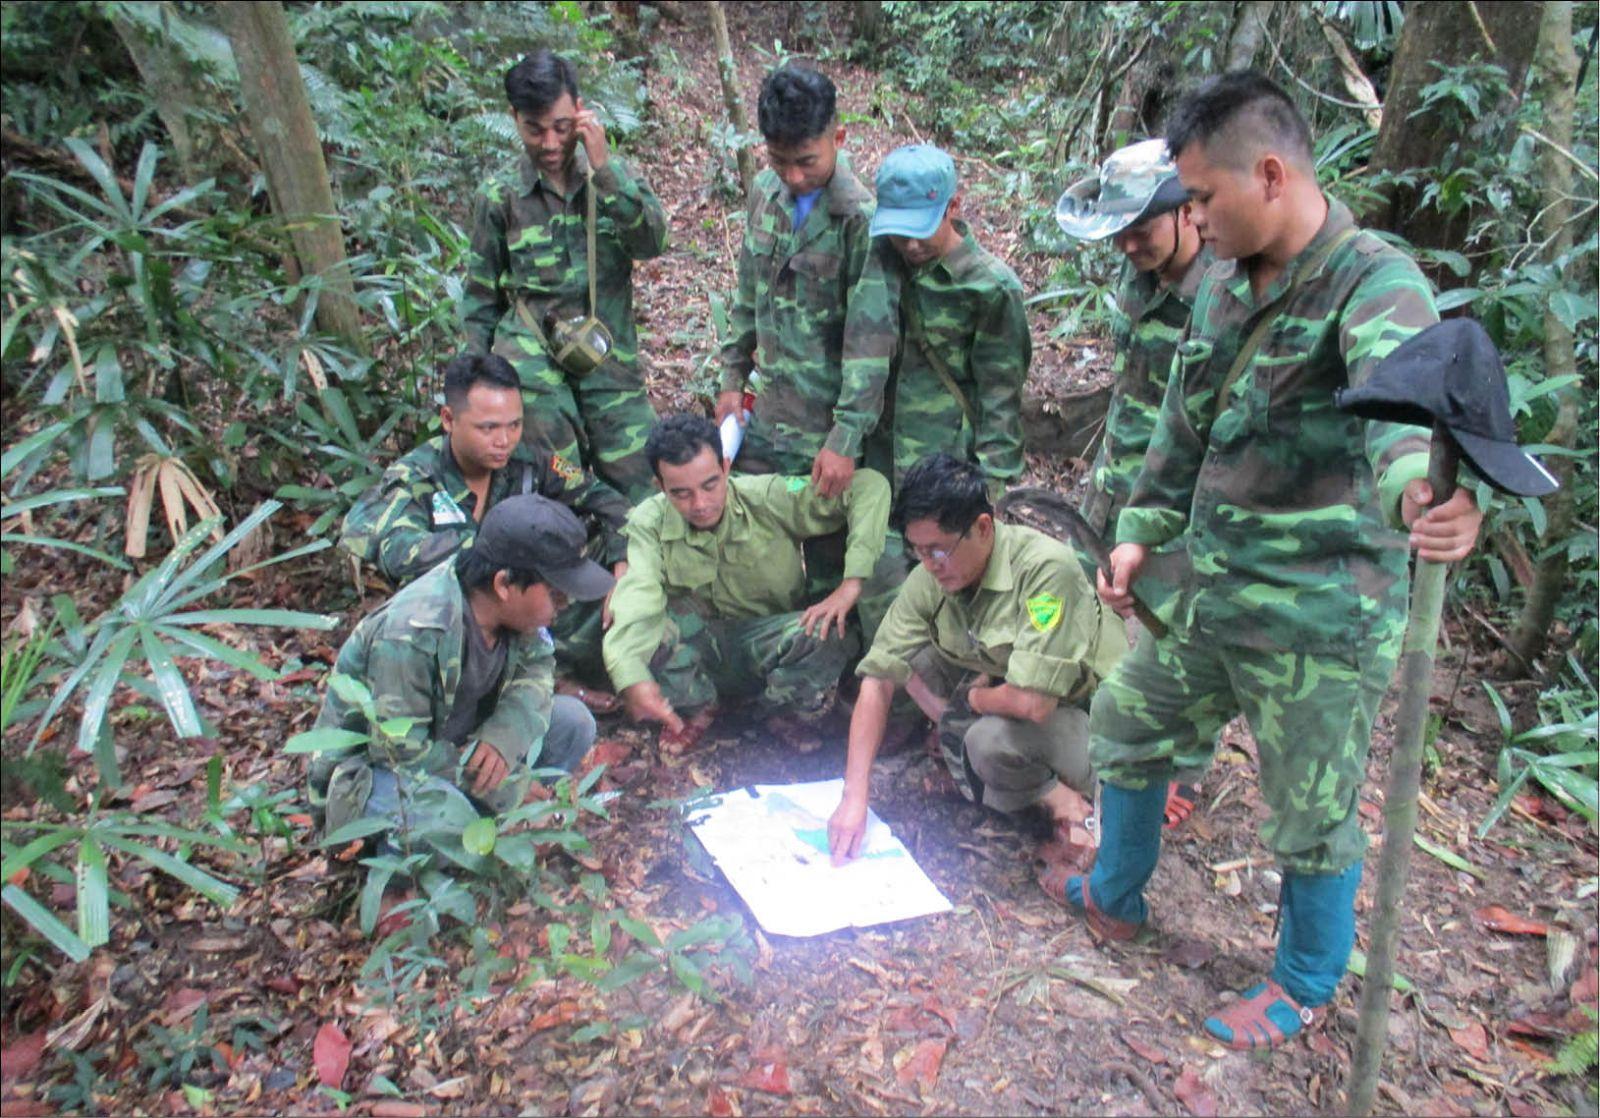 Ứng dụng công nghệ giám sát, quản lý rừng hiện đại: Giảm diện tích rừng bị chặt phá, lấn chiếm